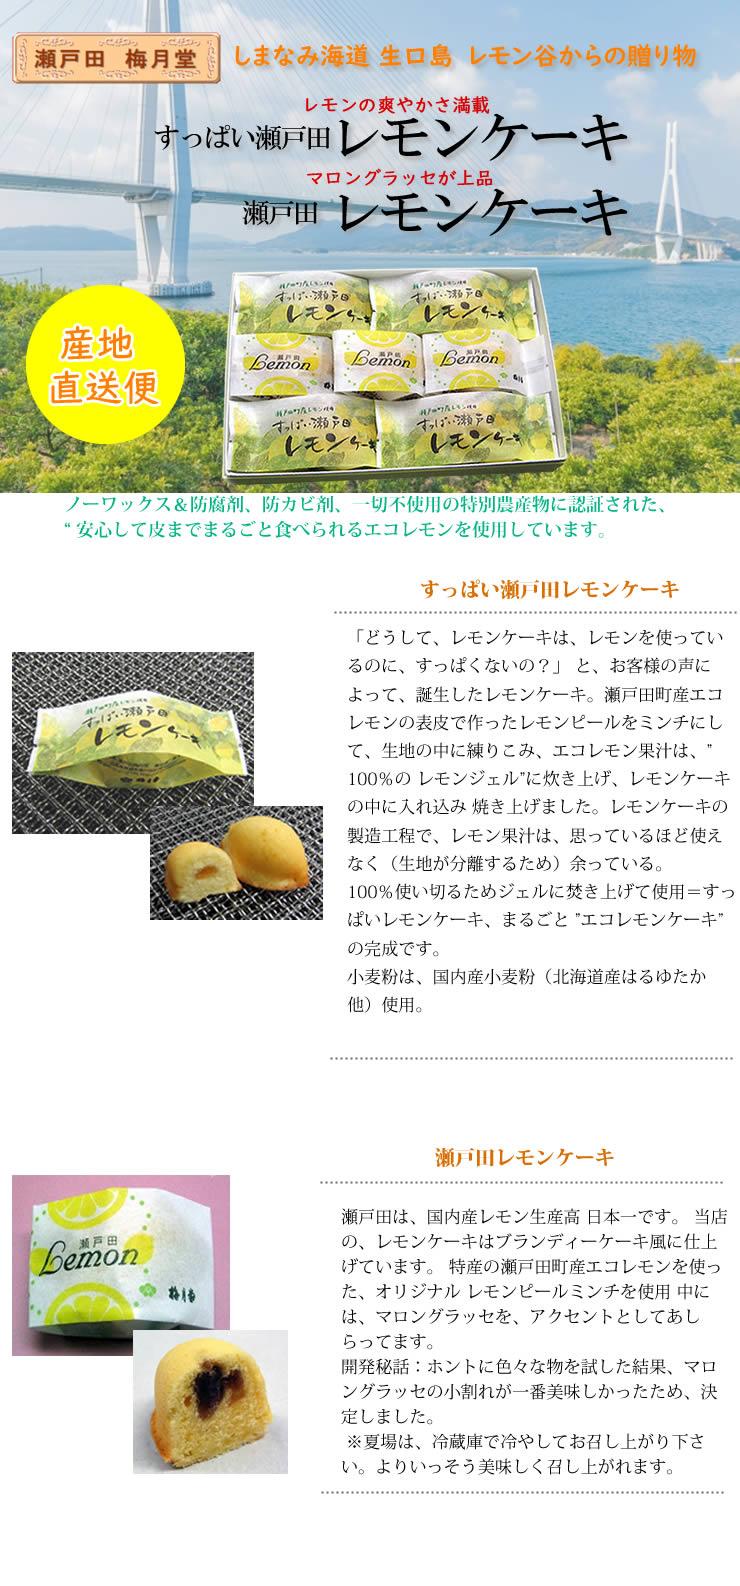 瀬戸田梅月堂